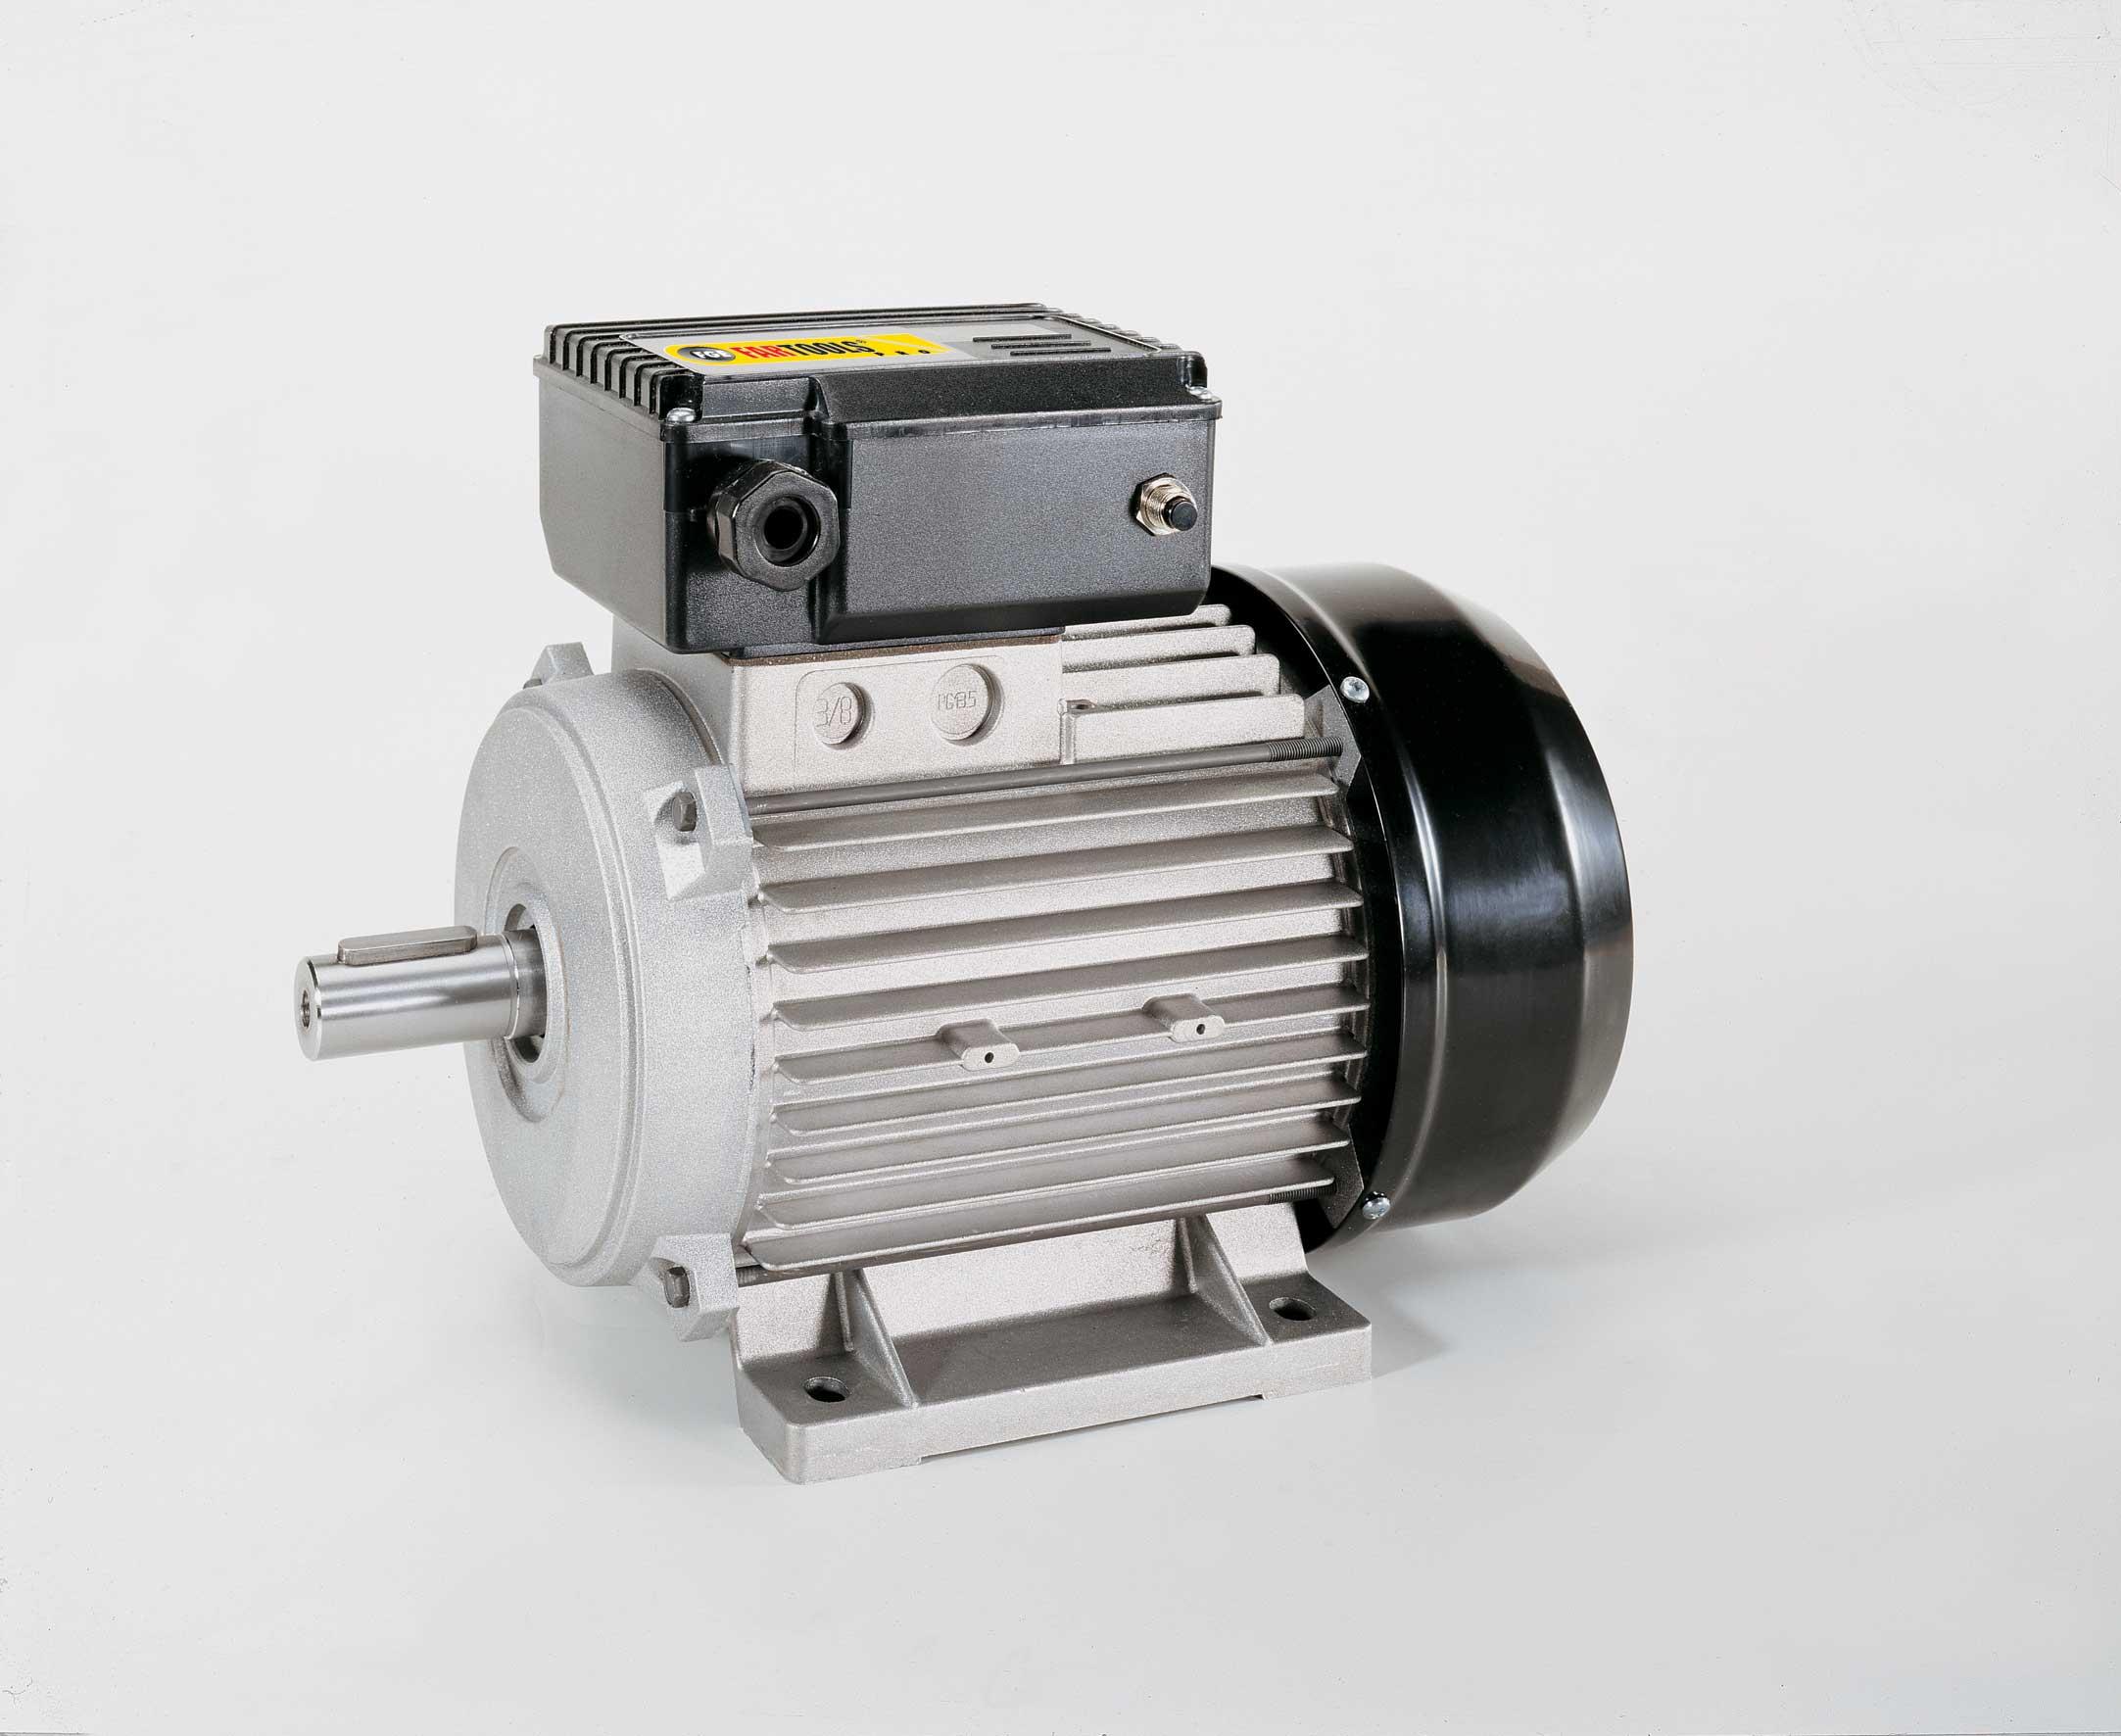 moteur  u00e9lectrique 1 cv alu - 780 w  m